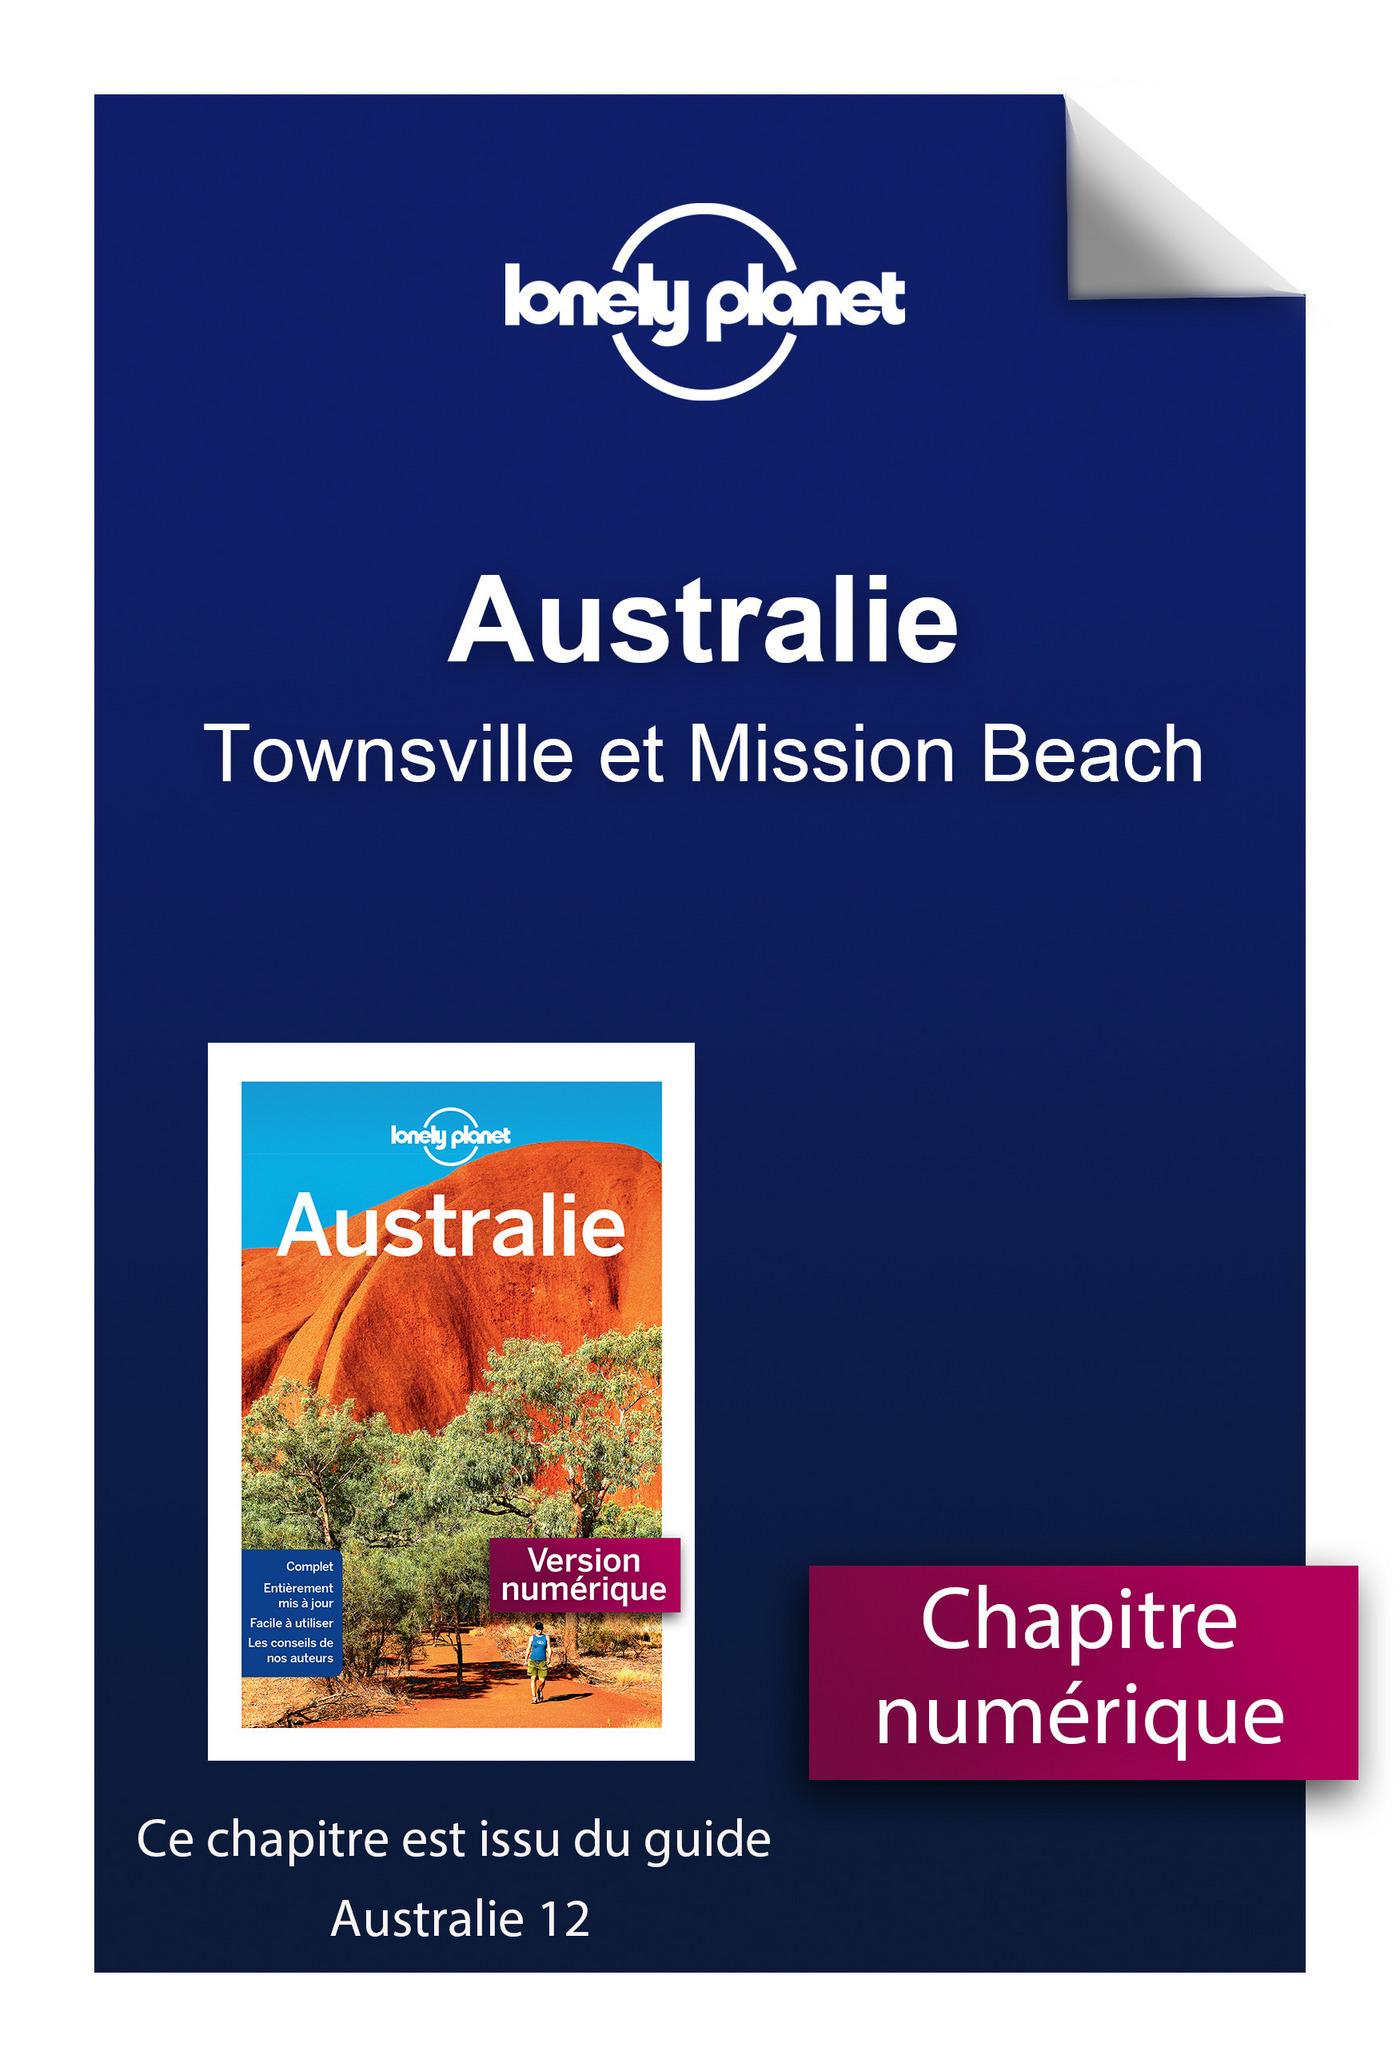 Australie - Townsville et Mission Beach